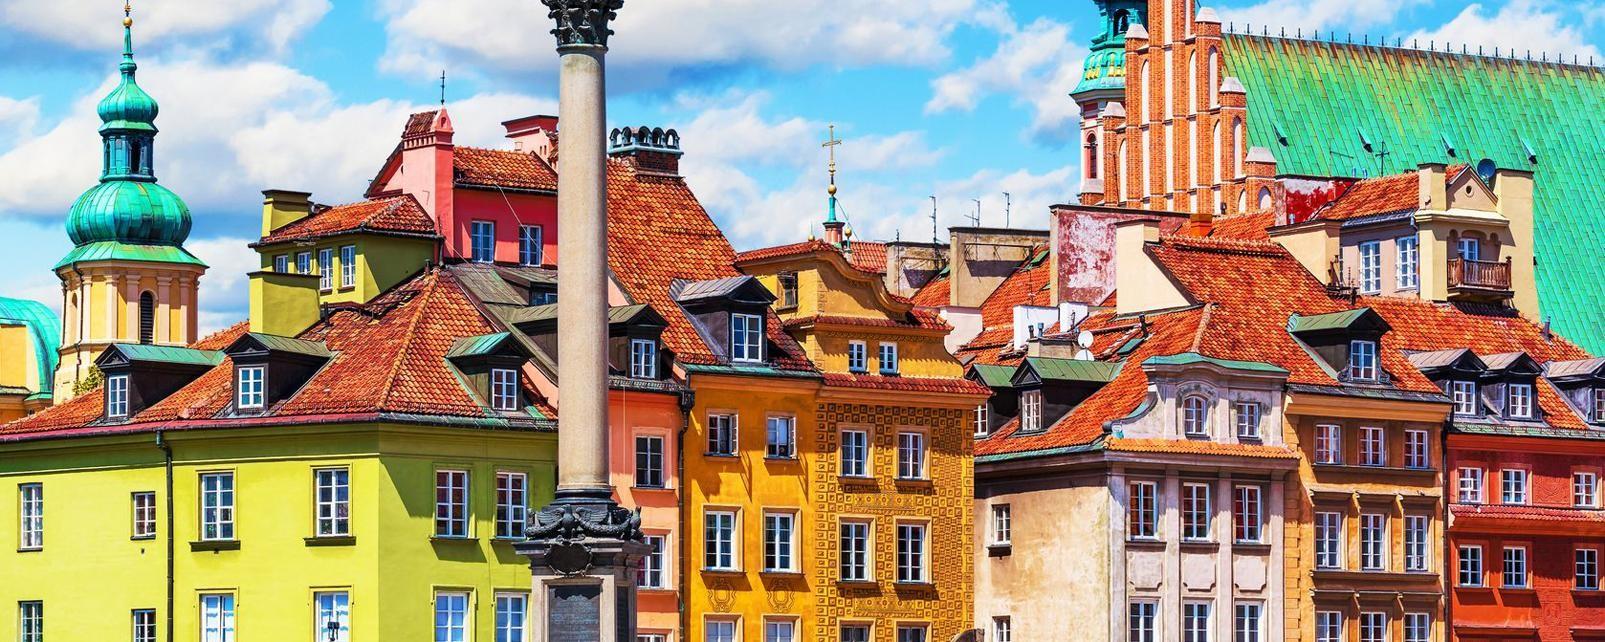 Vida de Estudante em Warsaw, Polónia, por Munisa